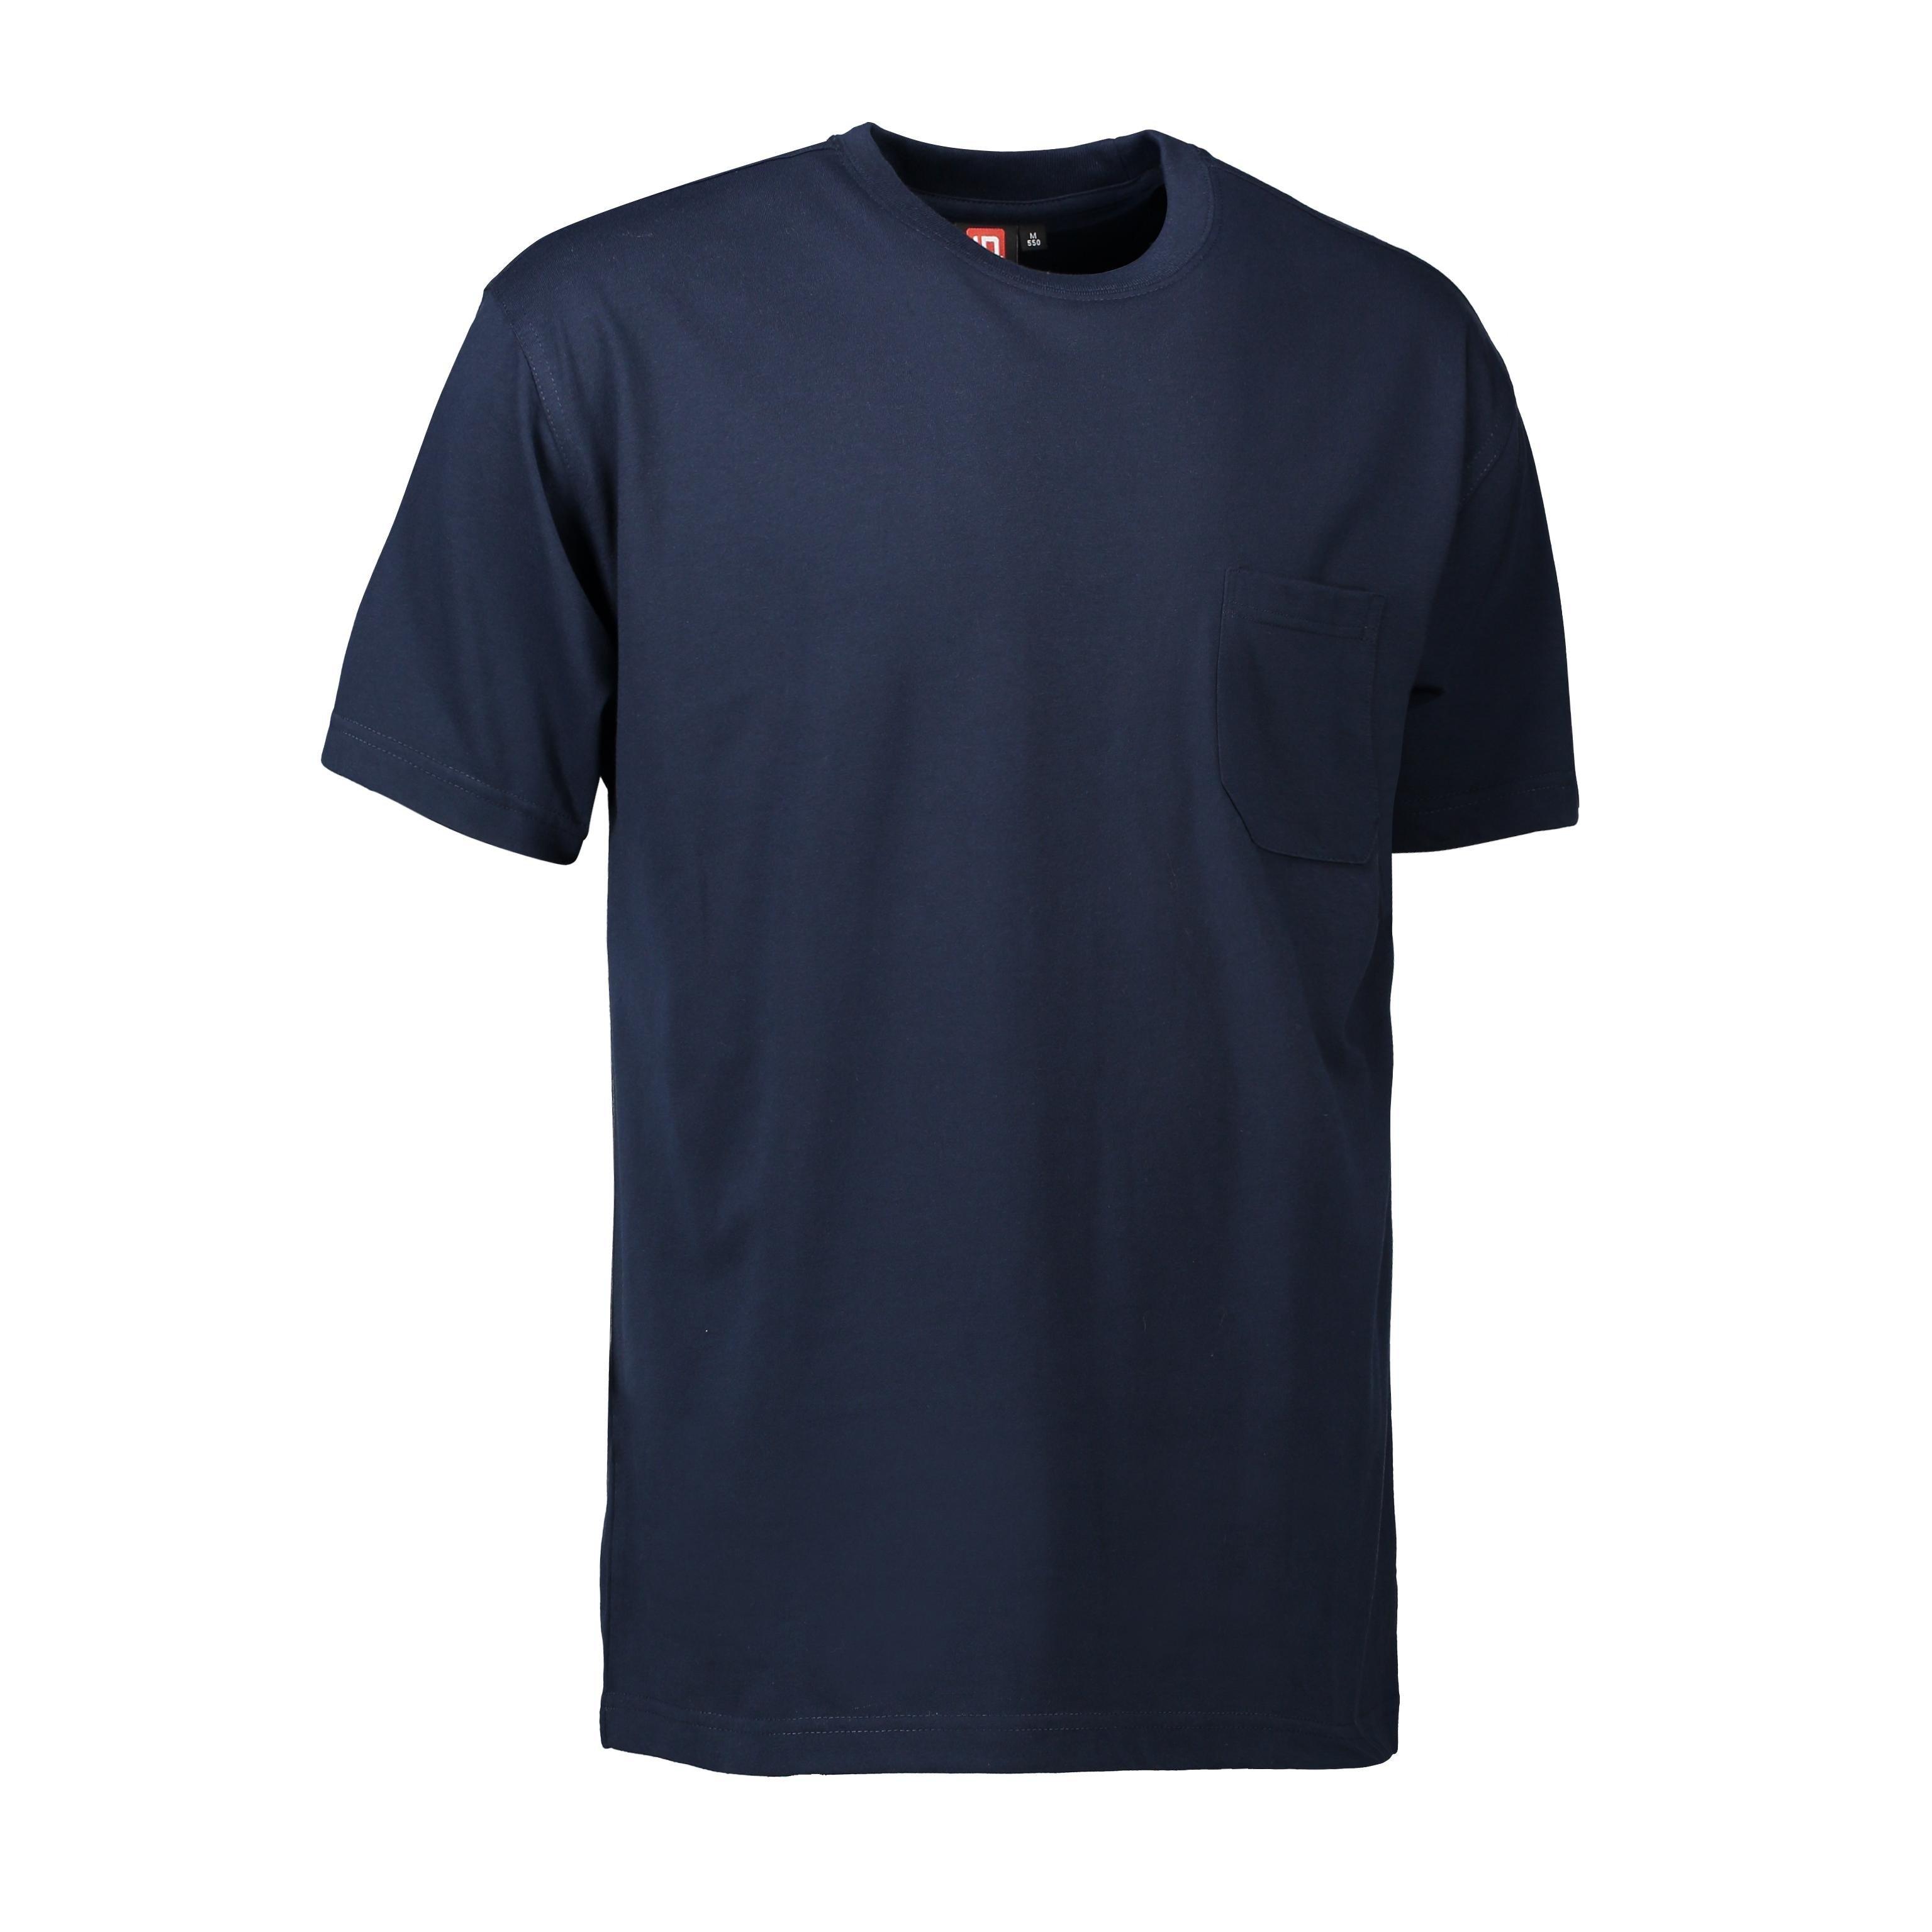 Mangler I t-shirts med virksomhedens logo på?